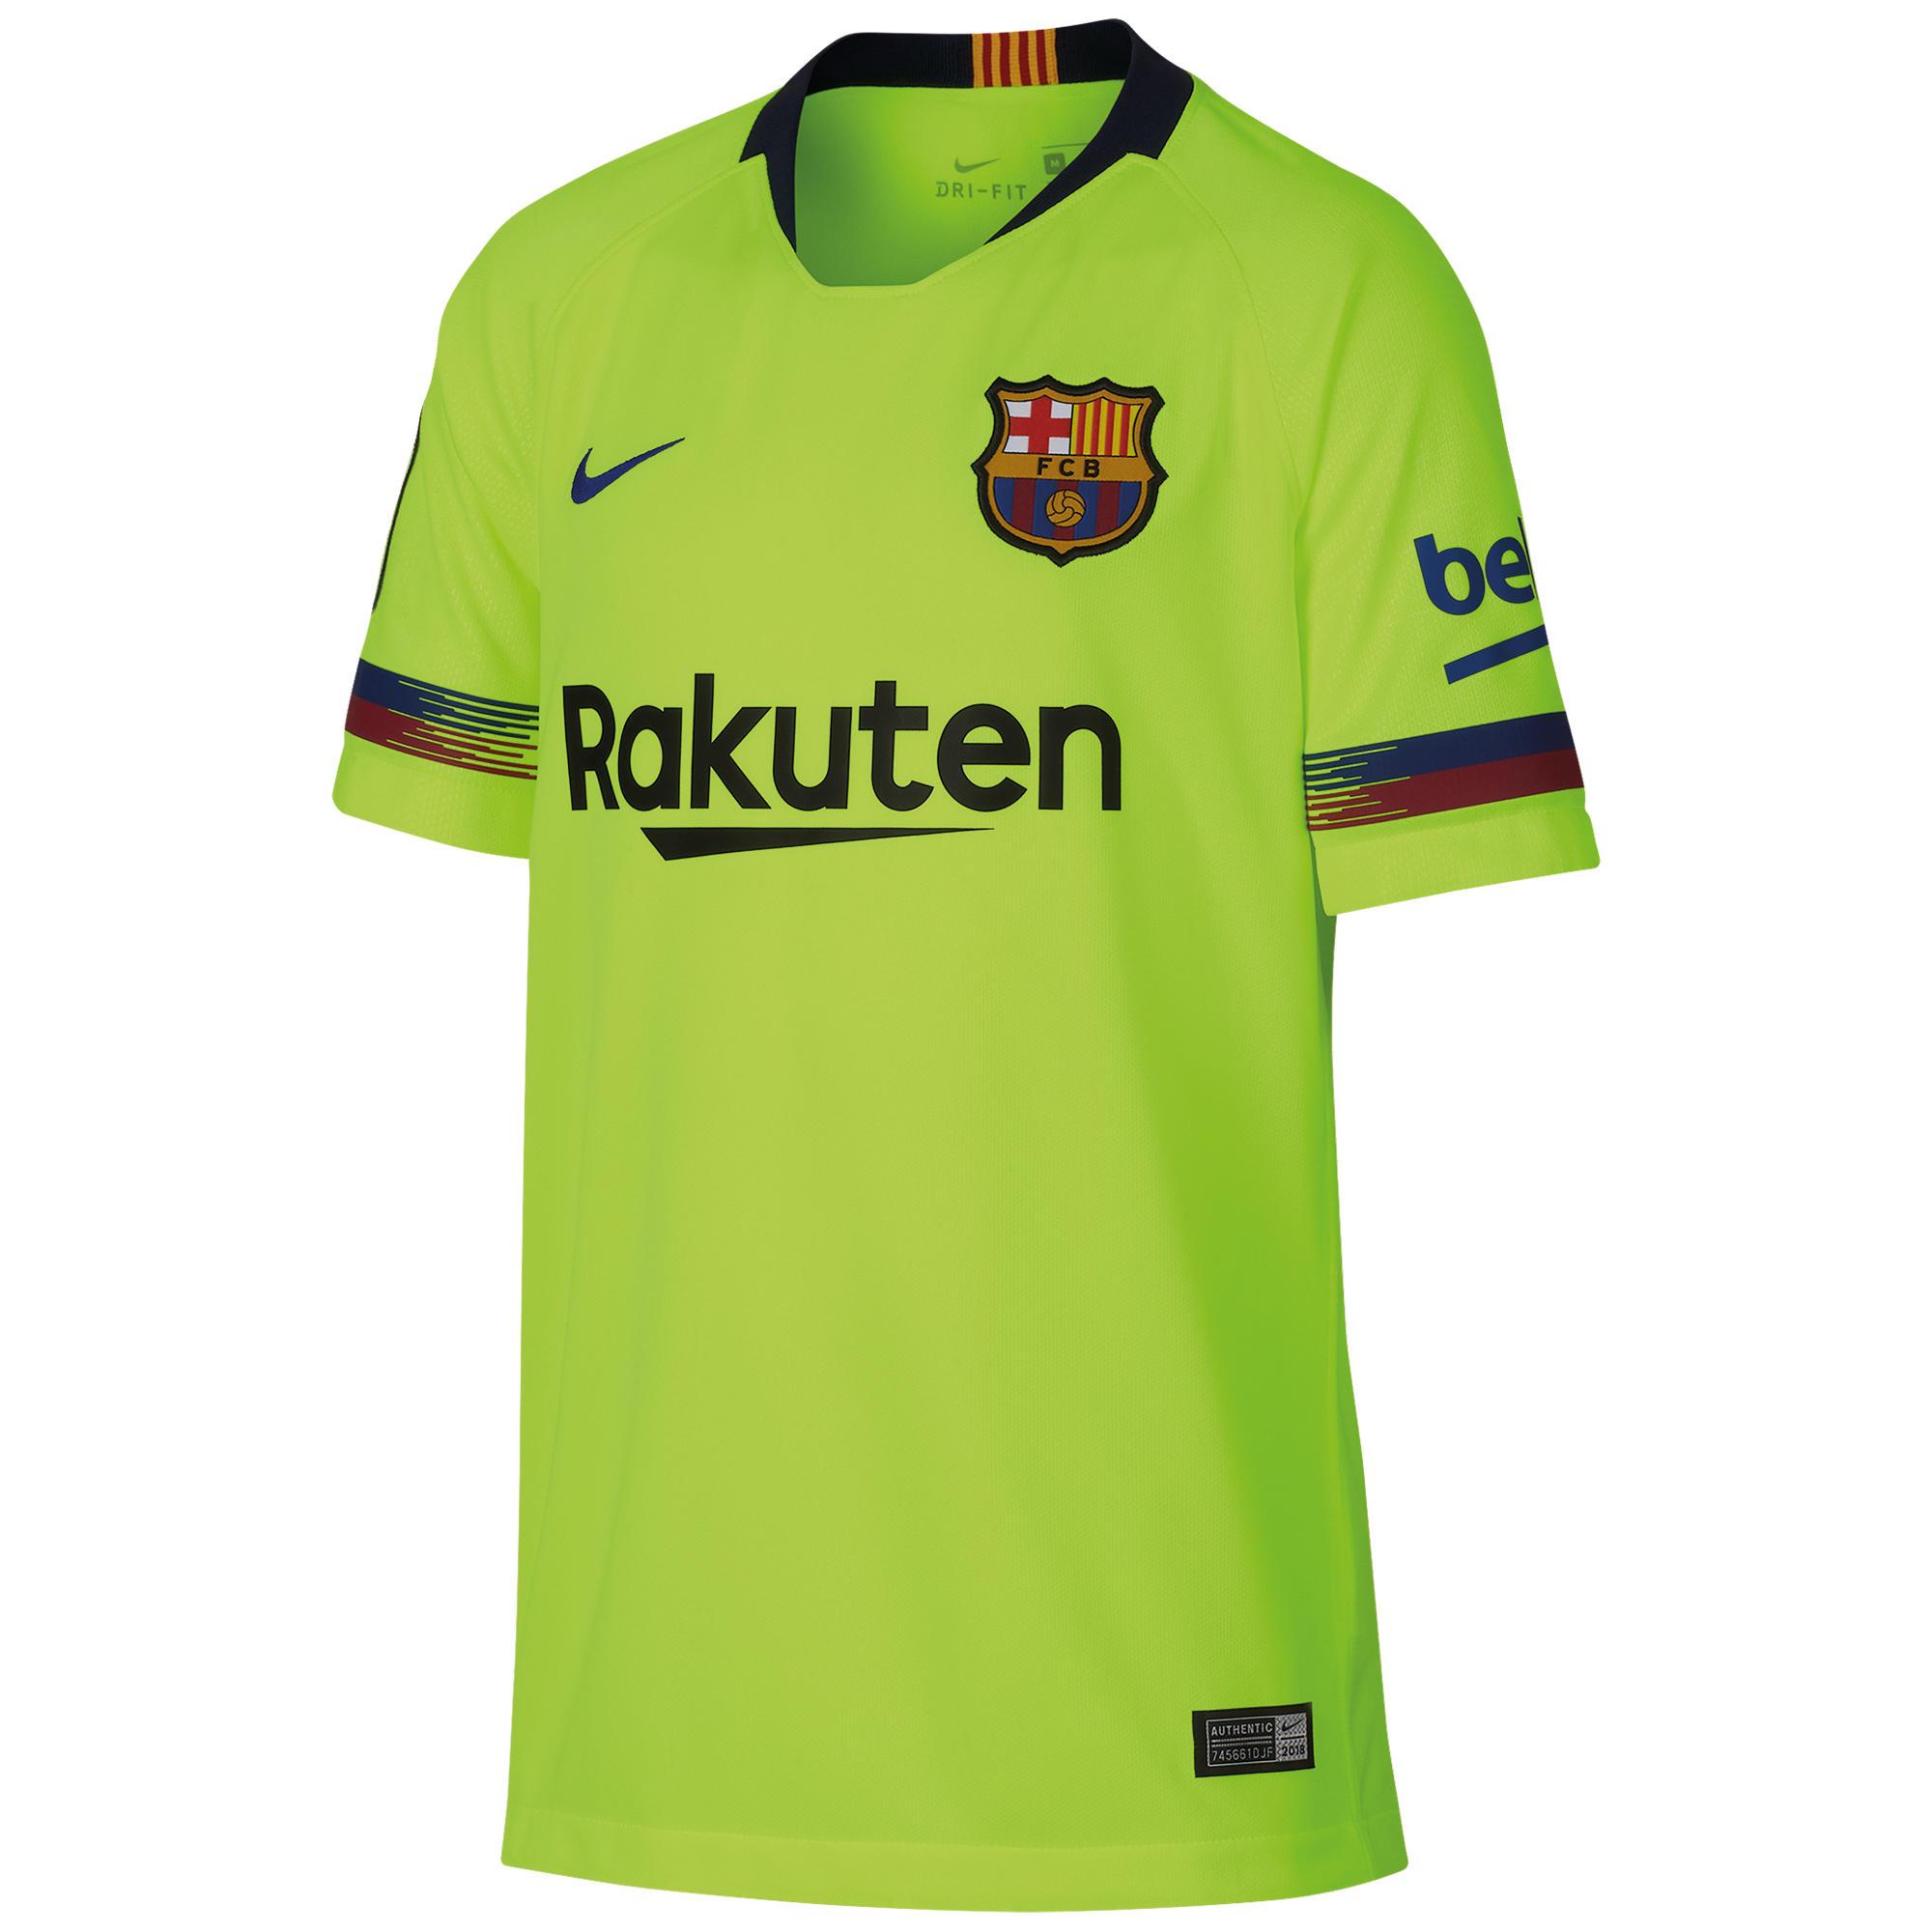 b961f962bfd54 Equipación y Camiseta Oficial F.C. Barcelona 18 19